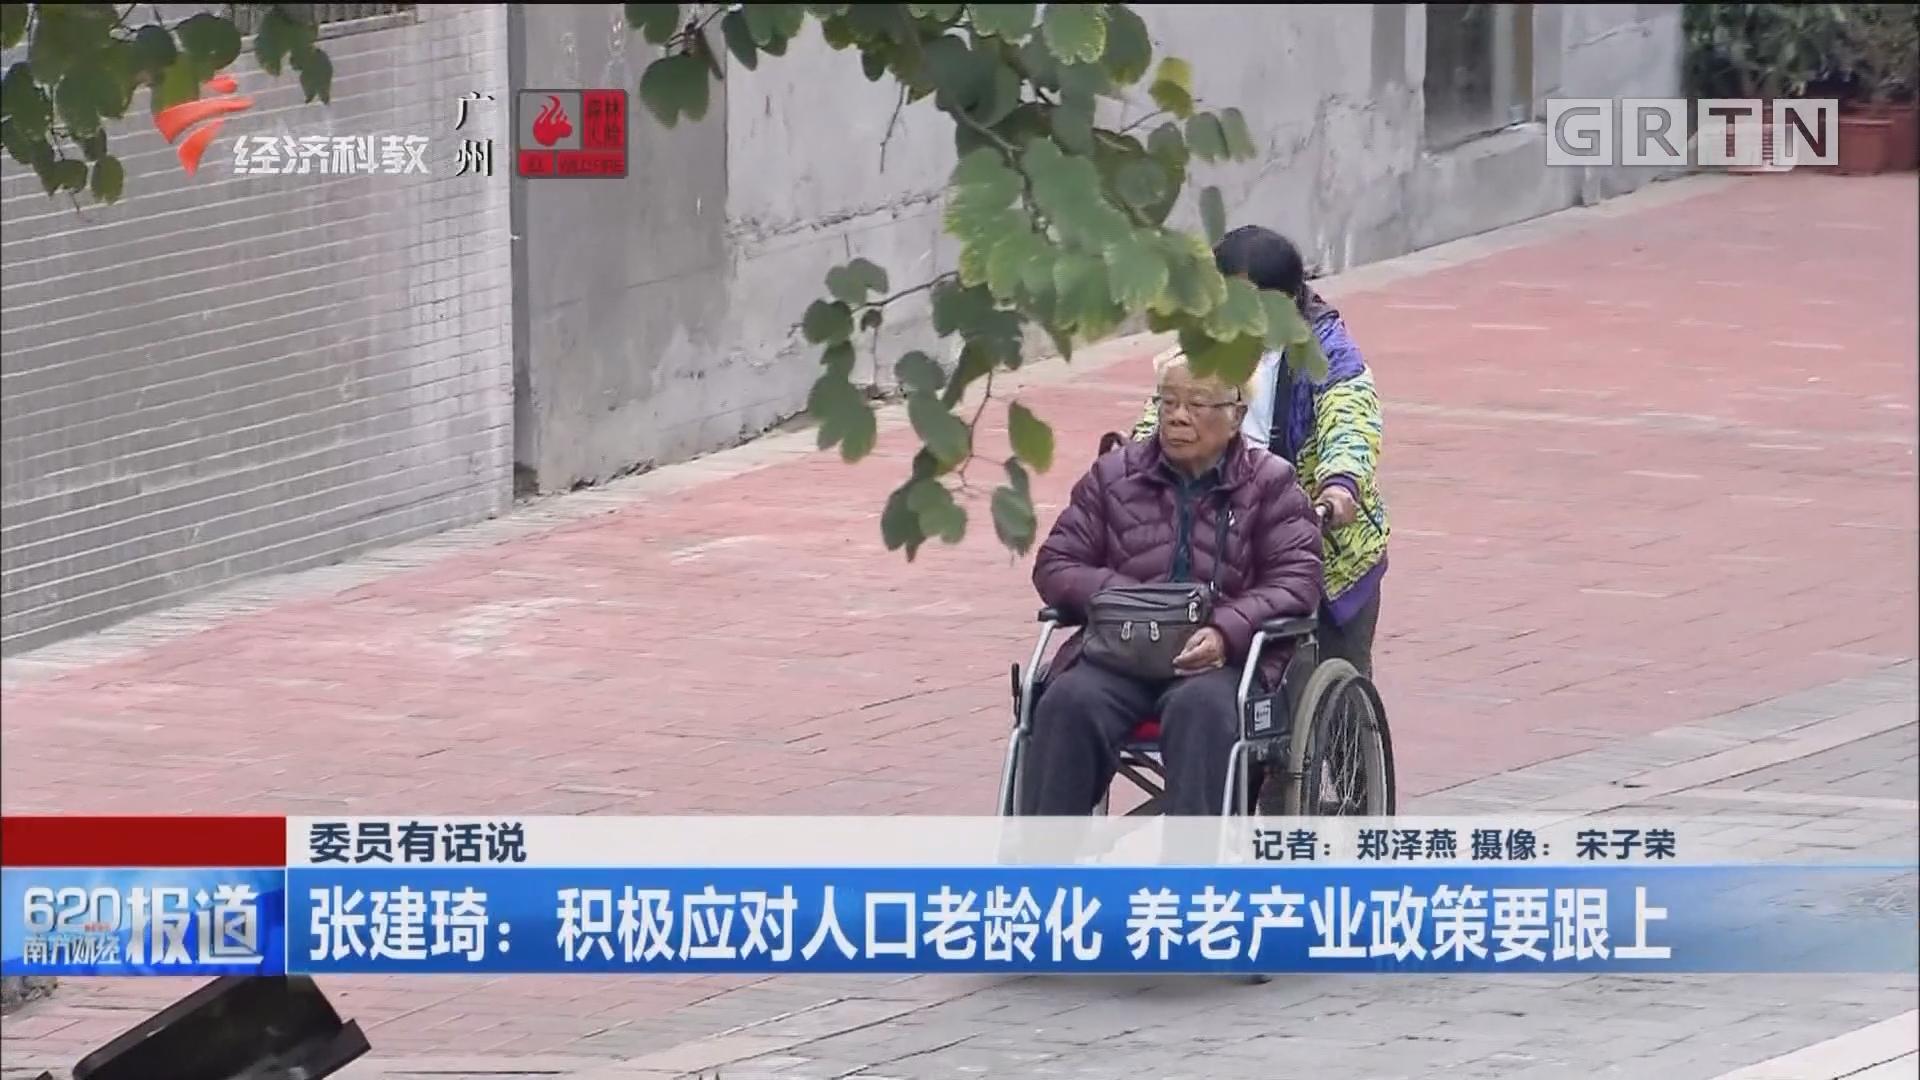 委员有话说 张建琦:积极应对人口老龄化 养老产业政策要跟上